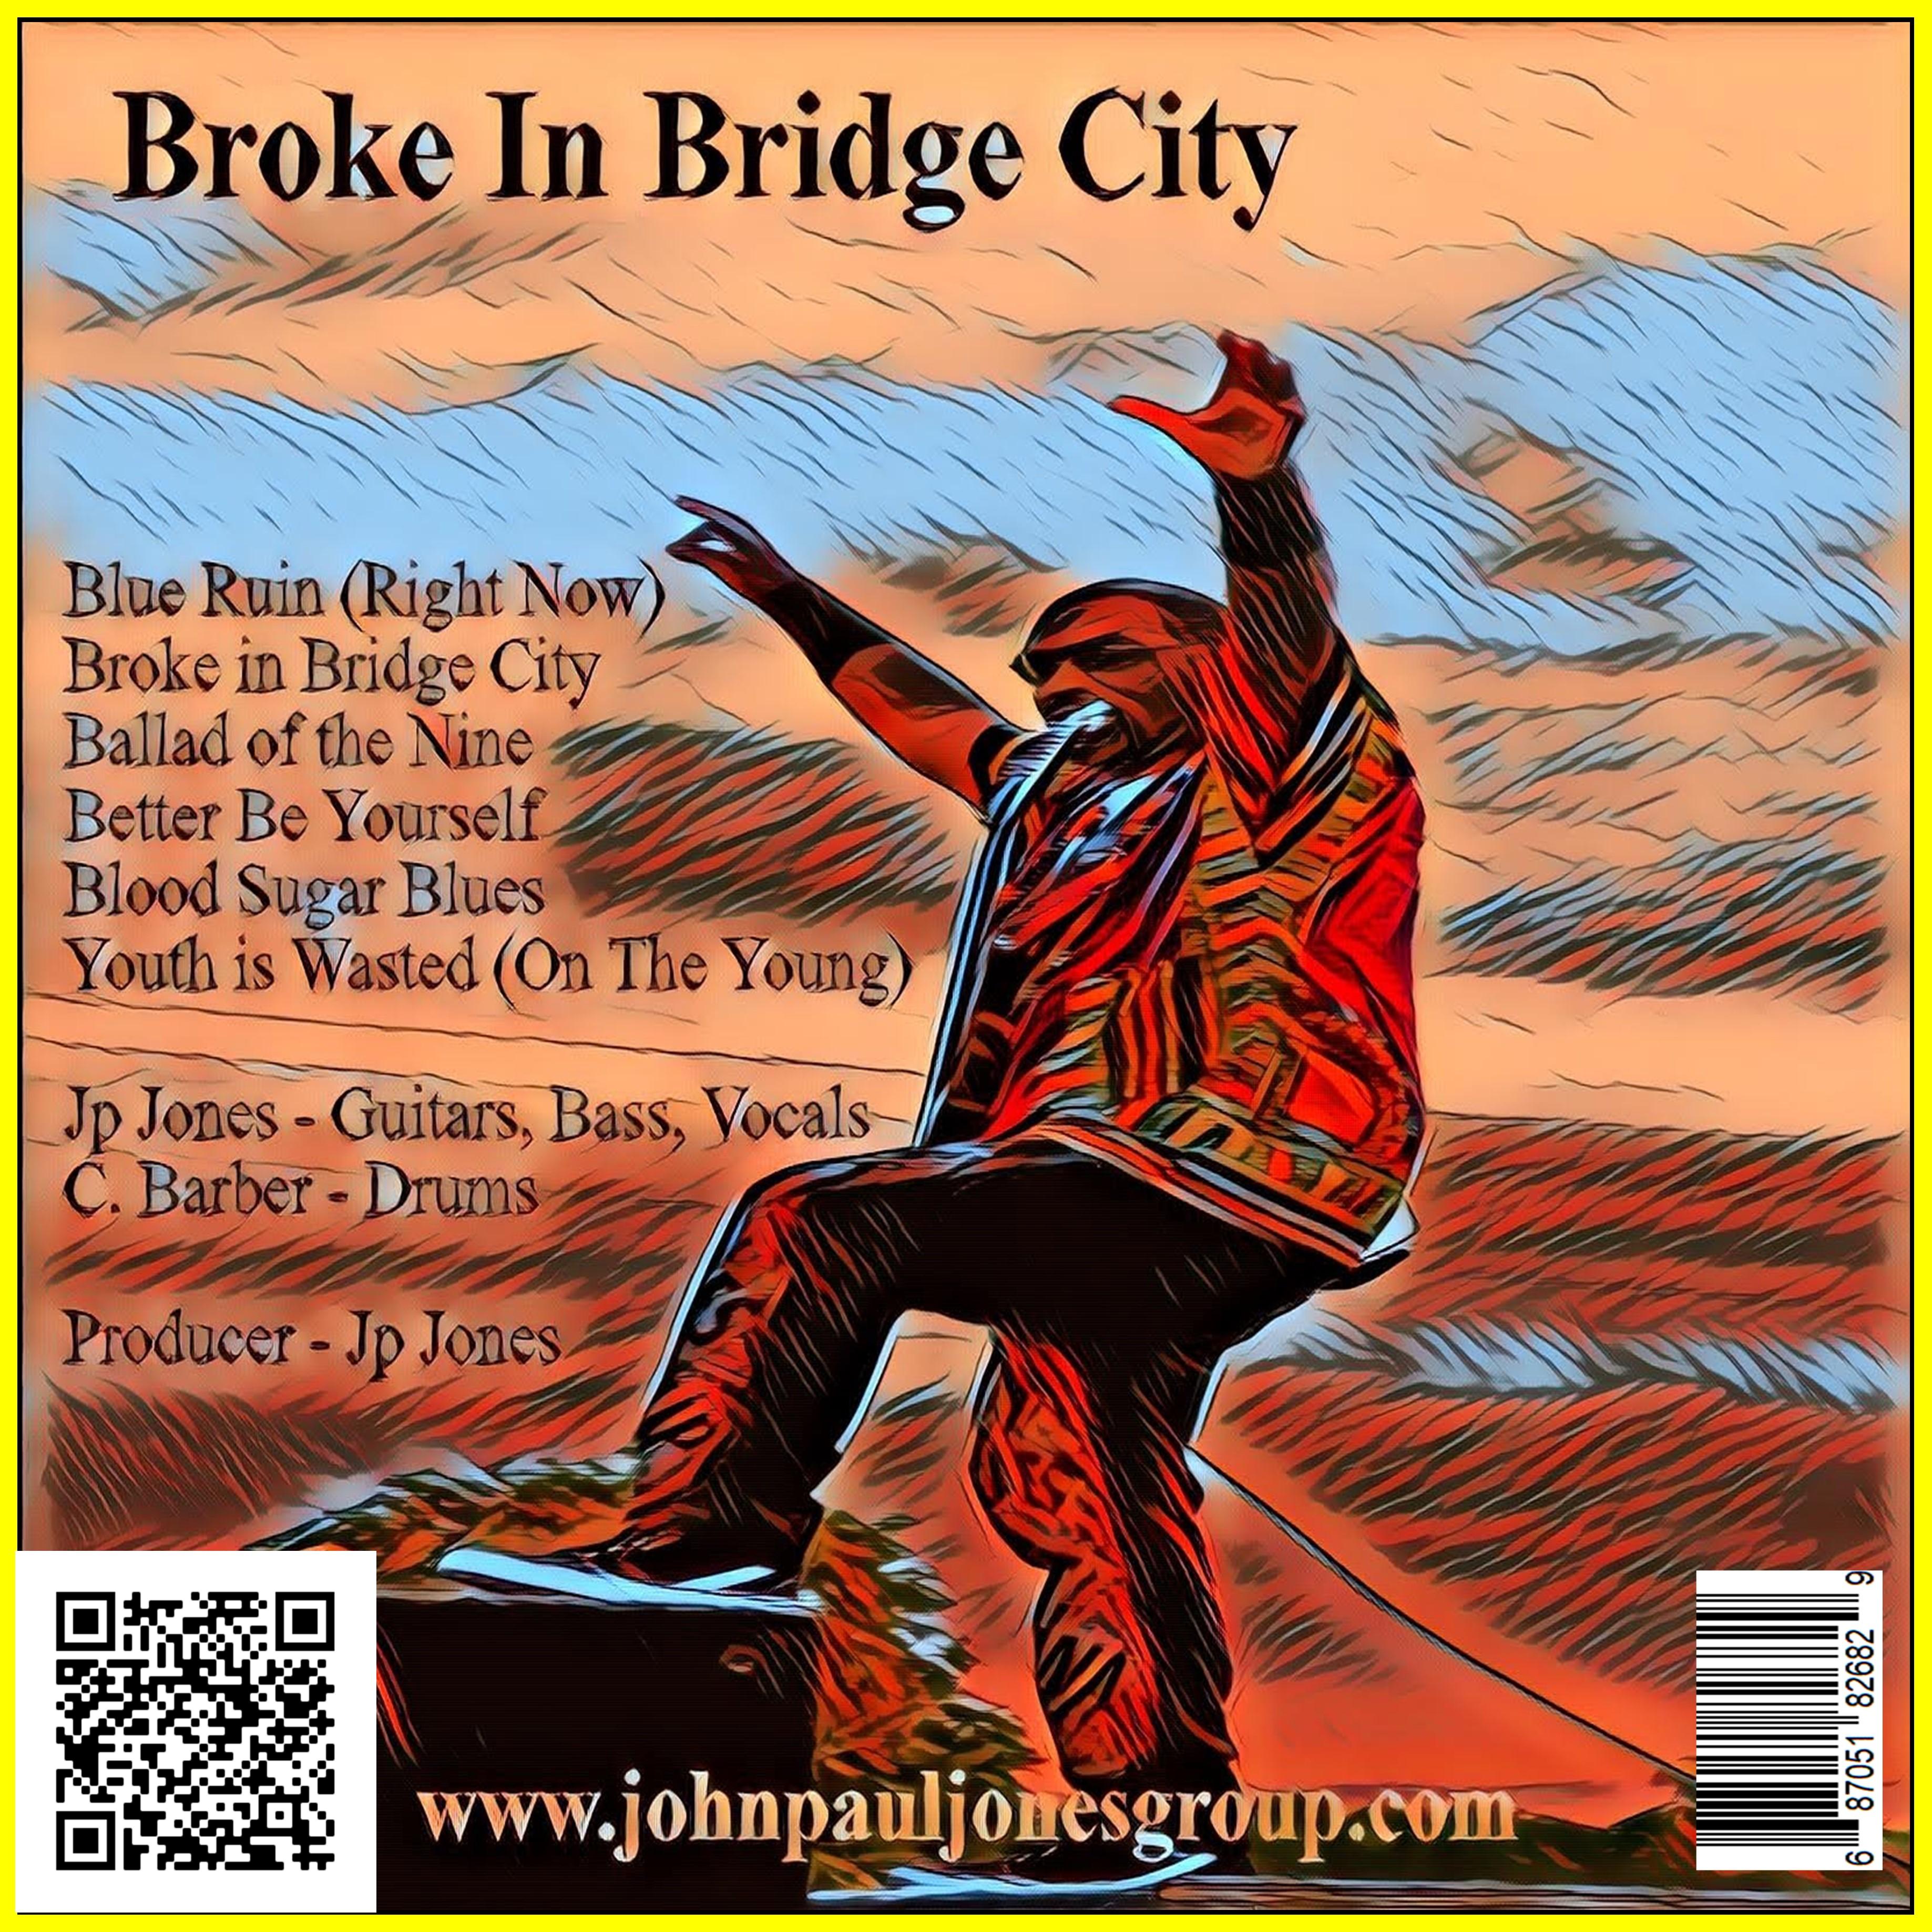 Broke In Bridge City - Physical LP + Digital Sample Download